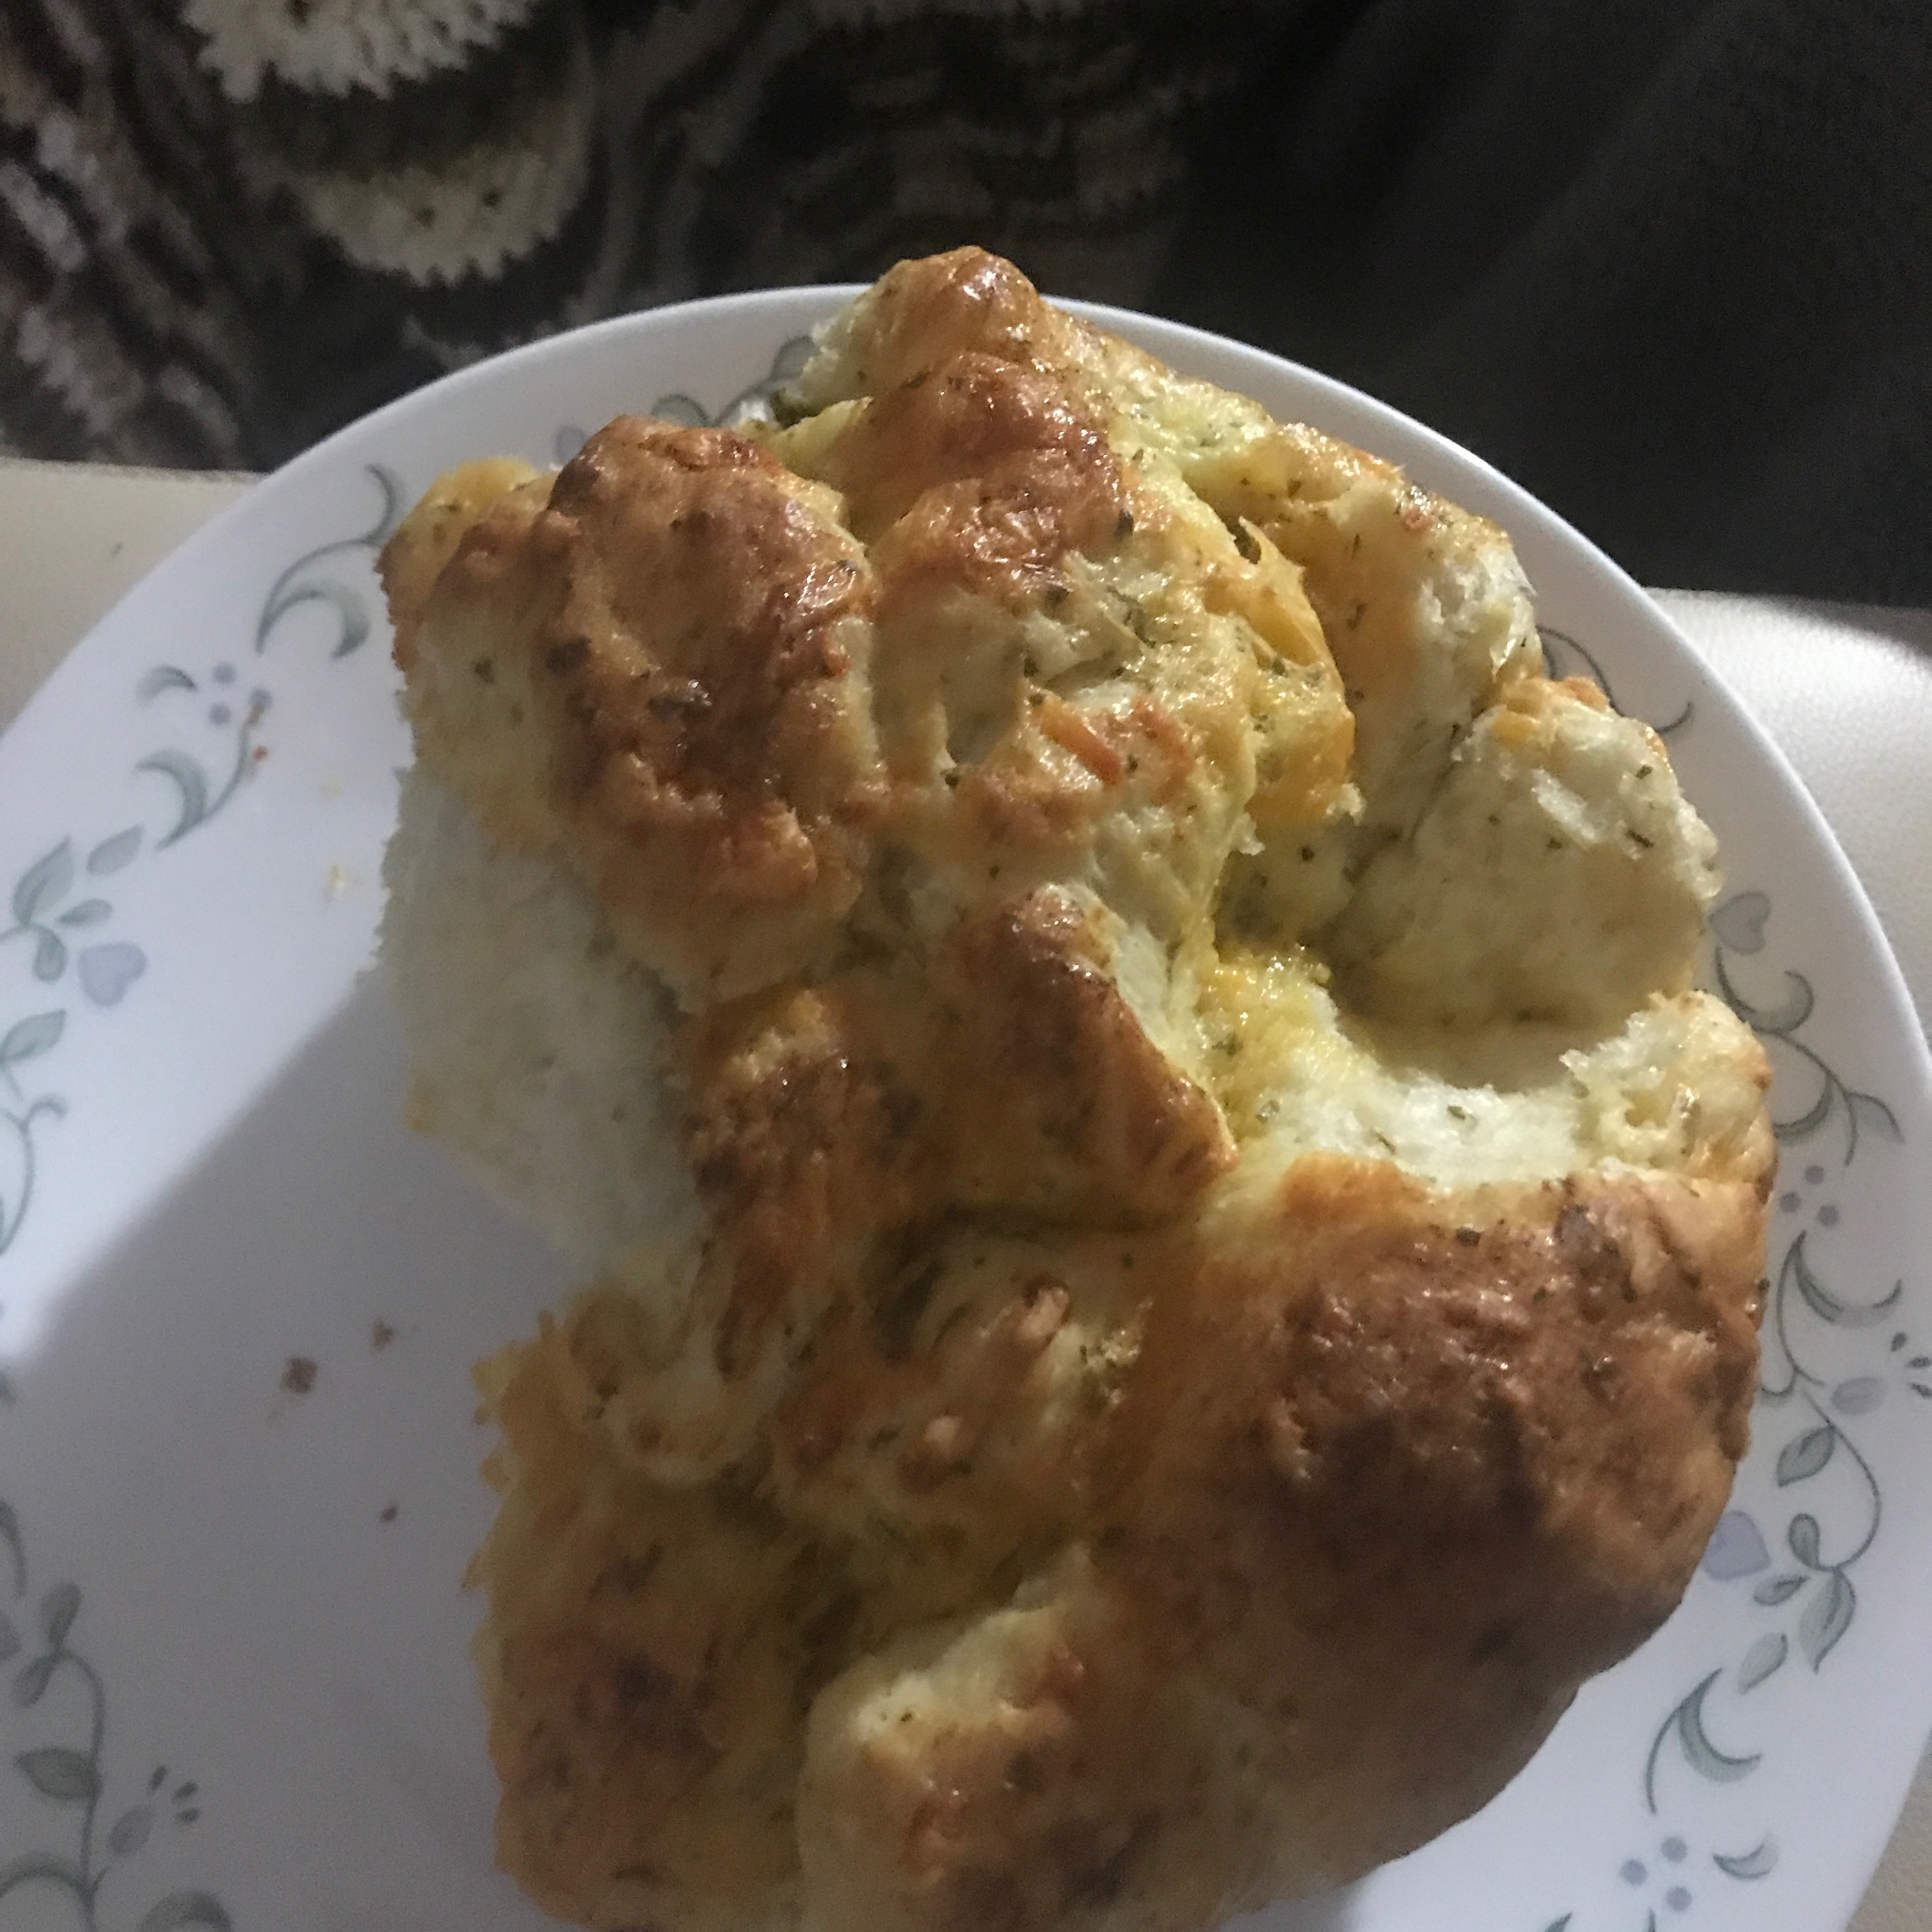 Delicious Bread rivetts